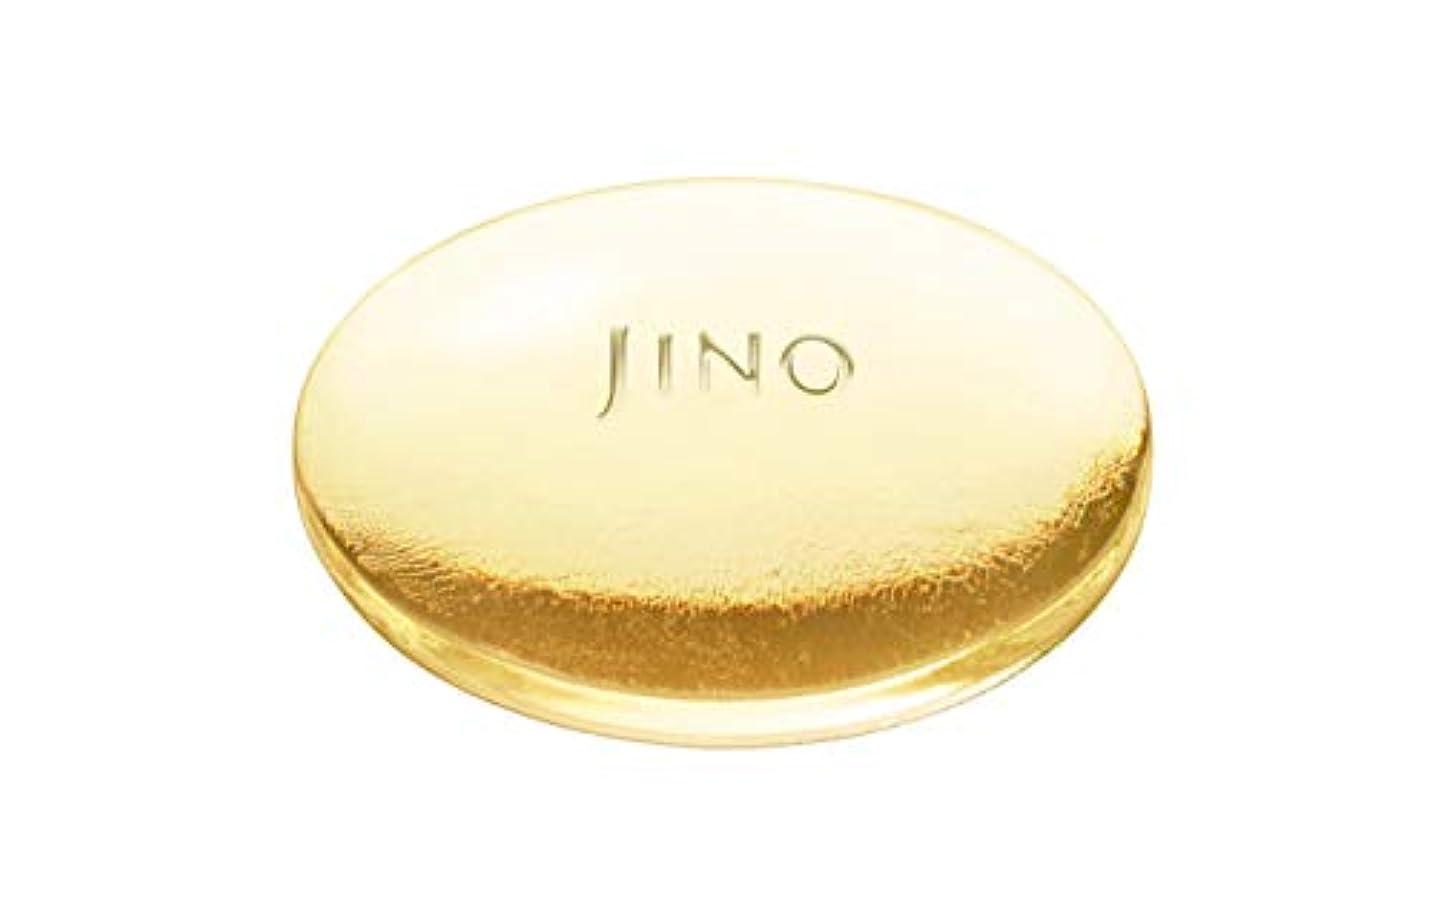 マネージャー透ける配列JINO(ジーノ) アミノ モイスト クリアソープ 100g 洗顔料 -保湿?アミノ酸系洗浄?敏感肌?毛穴ケア-